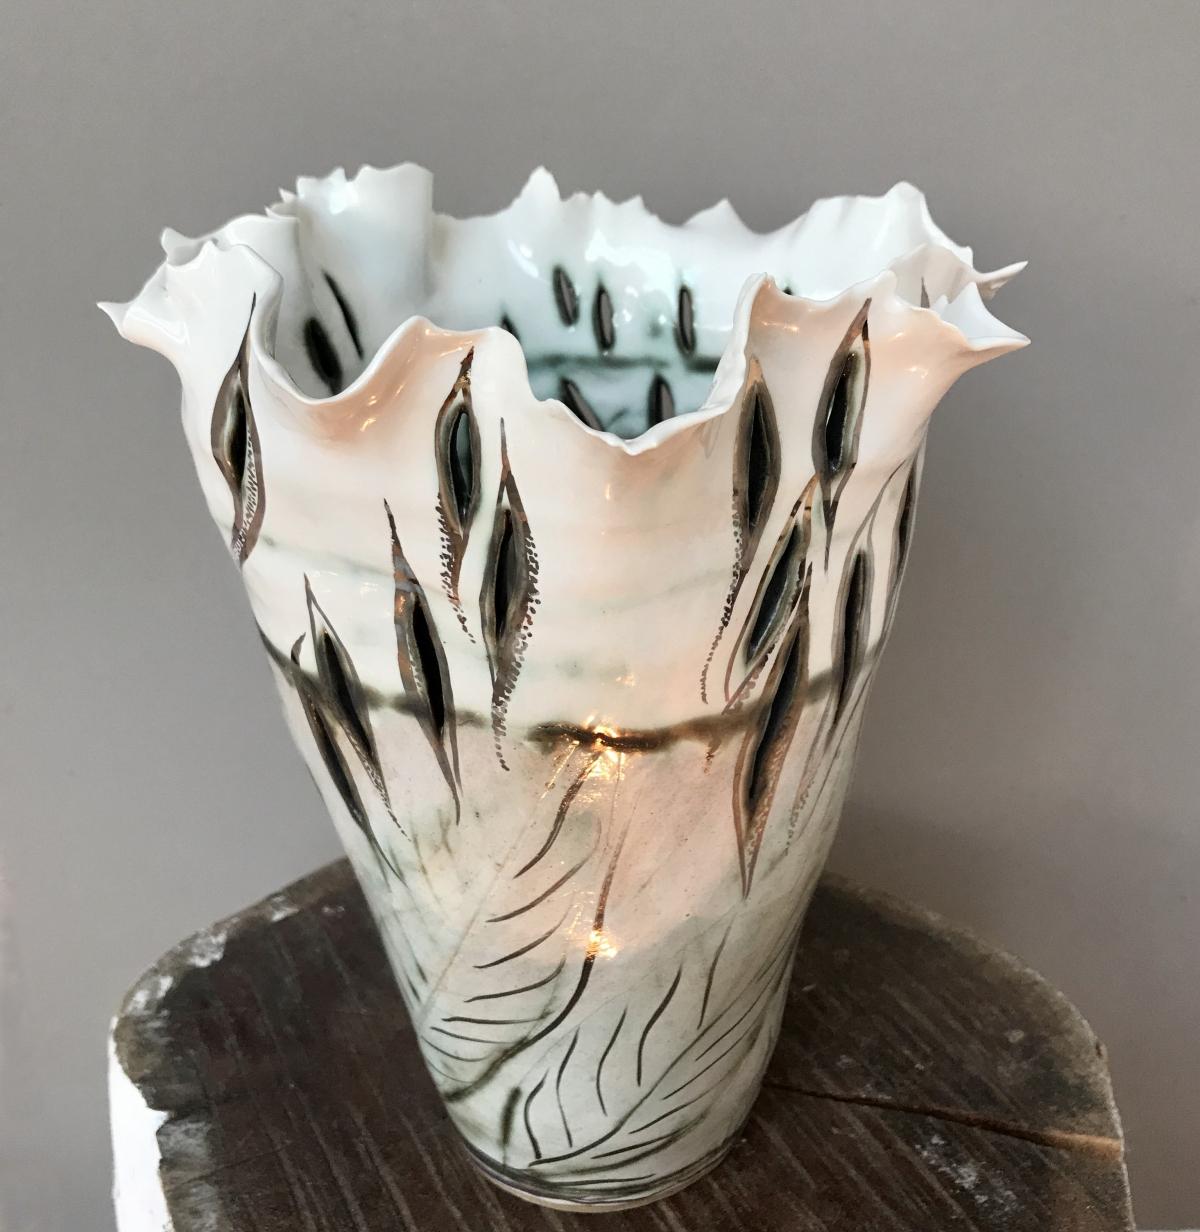 Porcelain Vase 'Leaf Transitions' by Sonya Ceramic Art